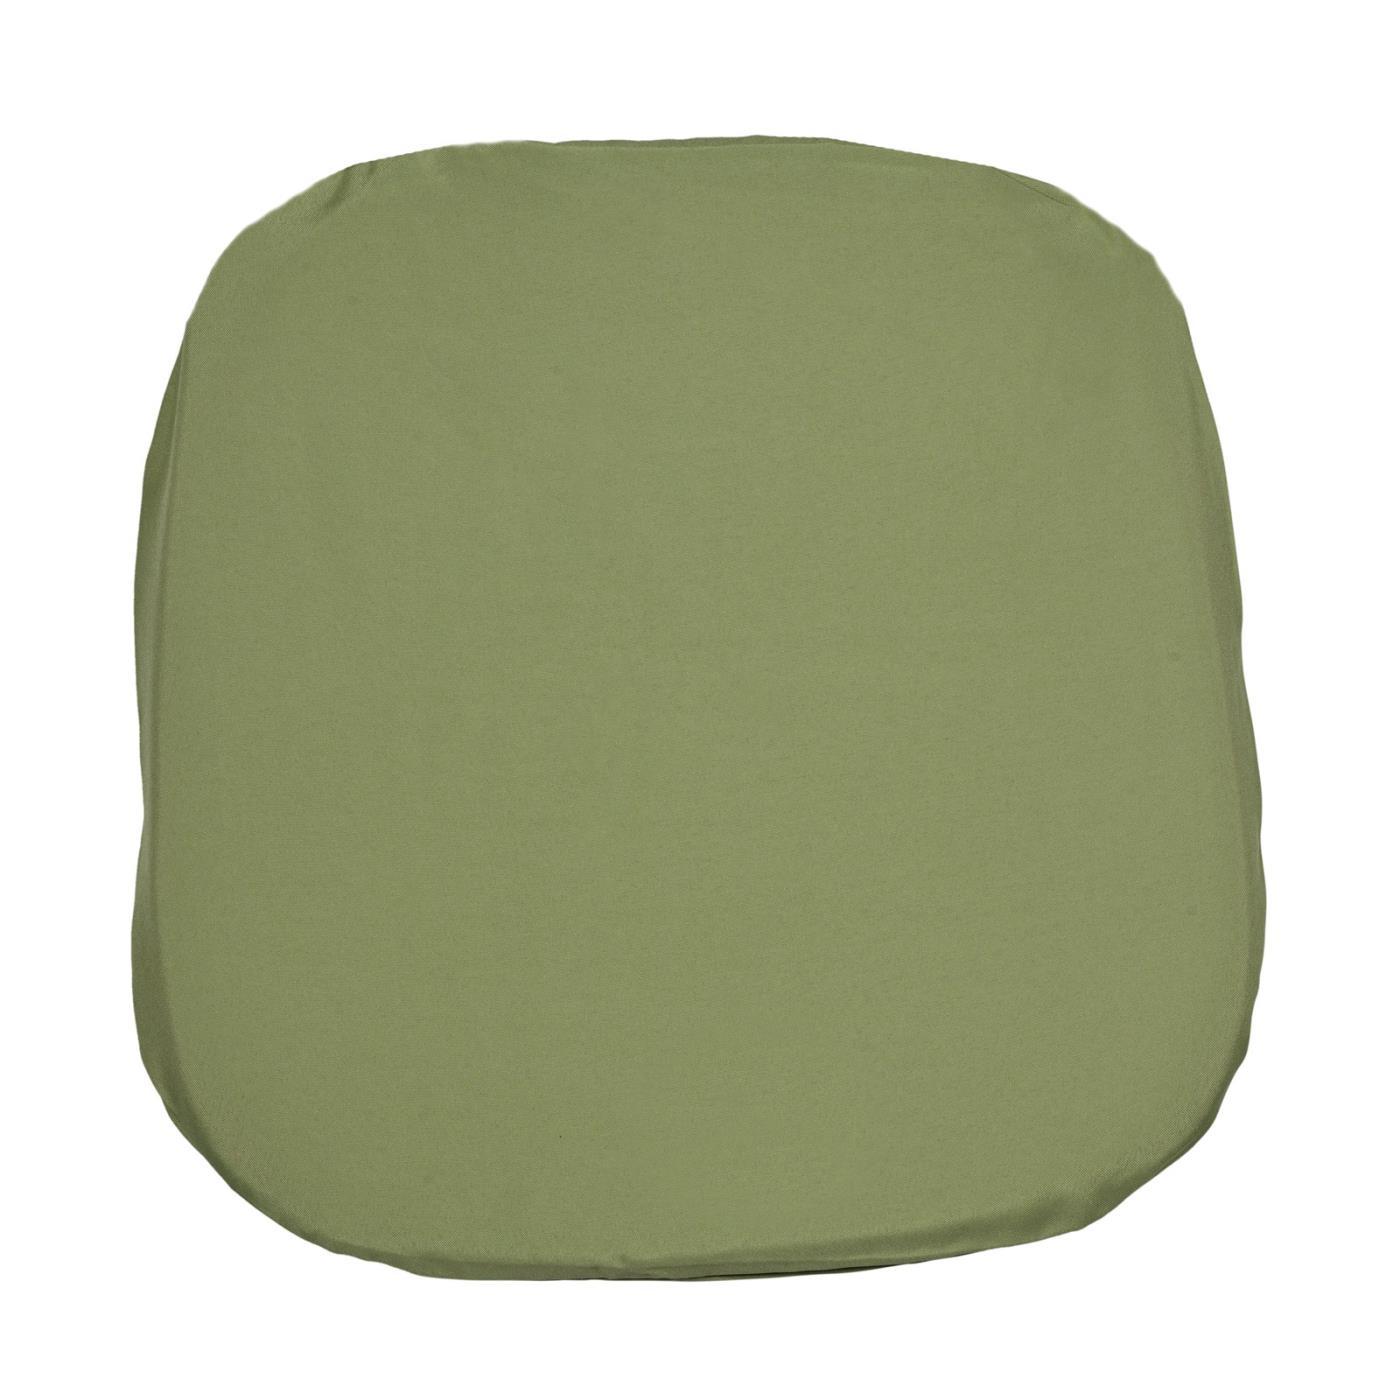 Poly Seat Cushion - Sage